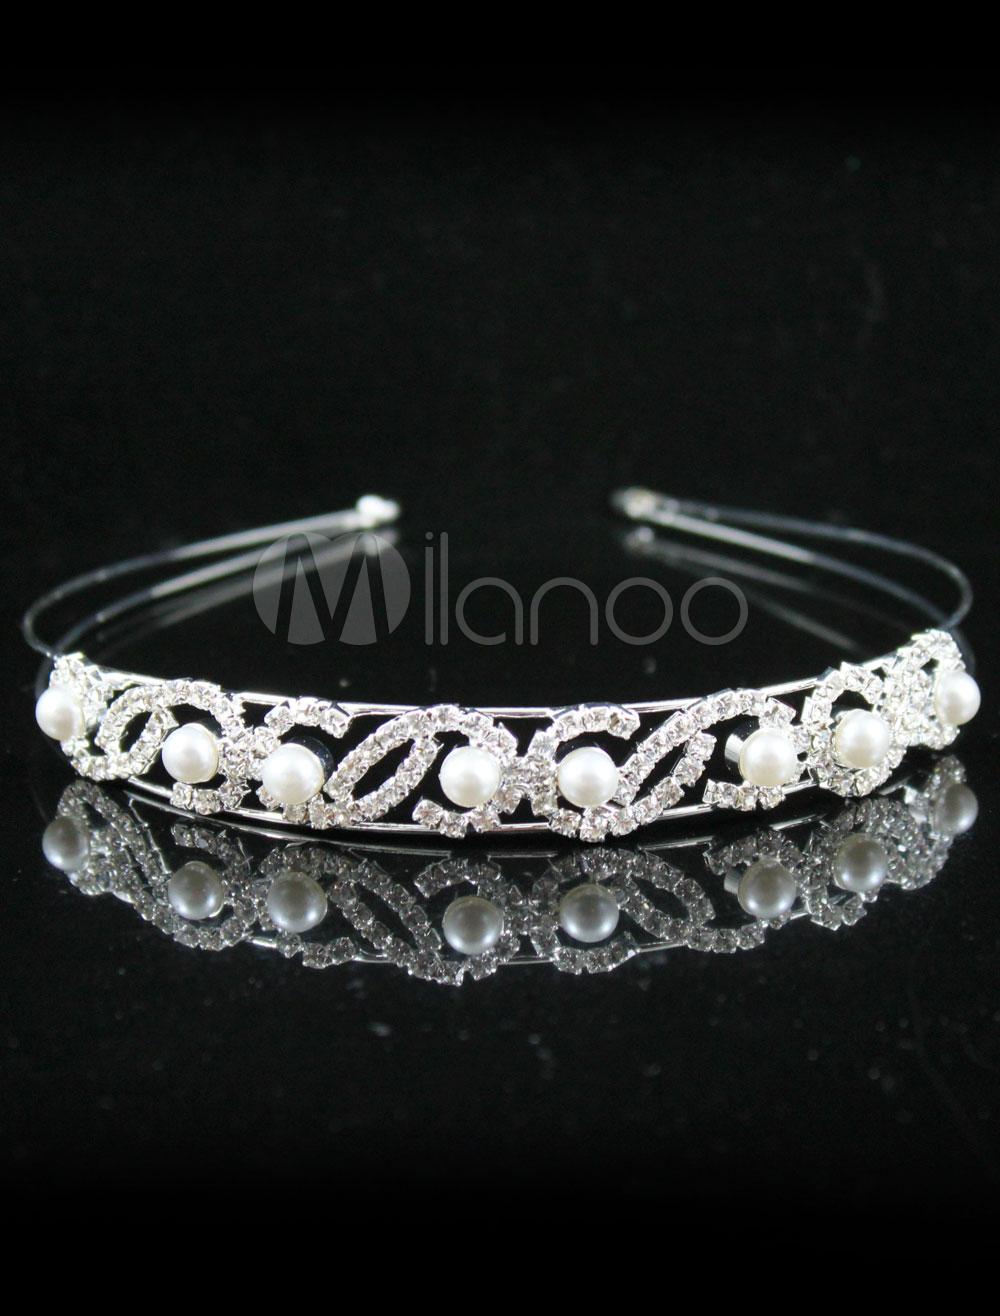 Shinny Silver White 12cm * 2cm Alloy Wedding Bridal Hoop